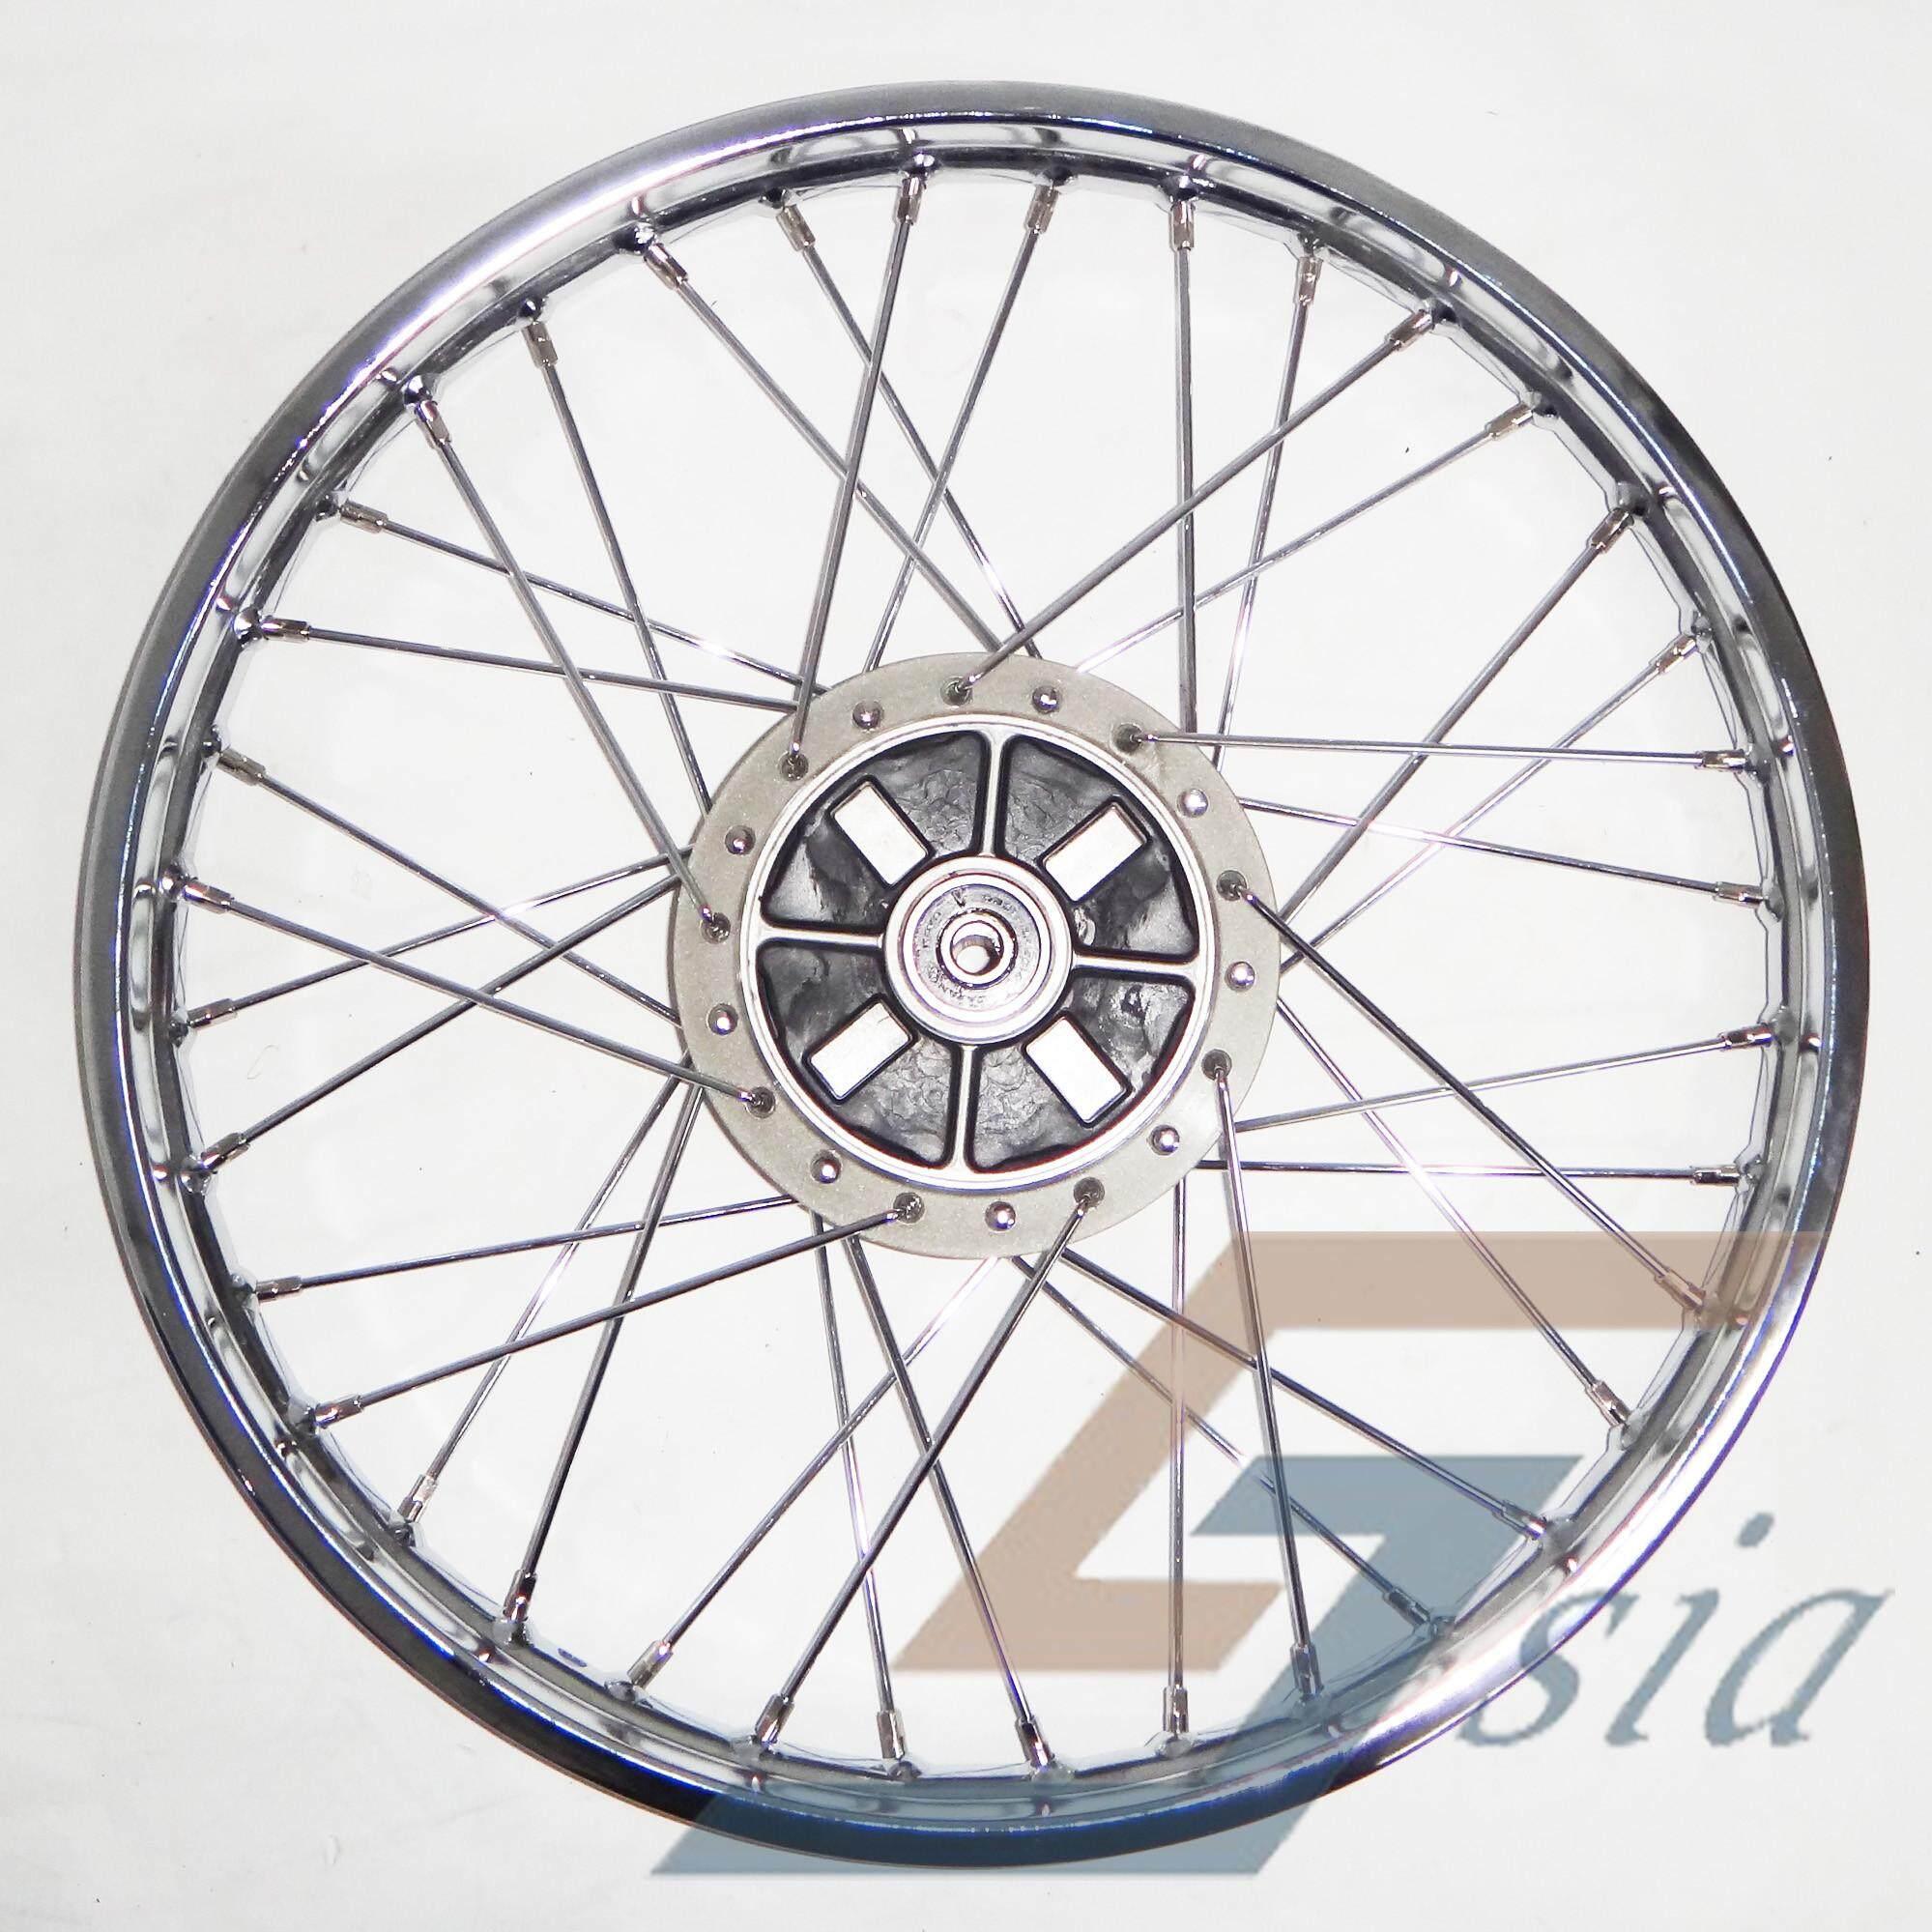 Honda EX5-Class Rear Wheel Assembly (1.6 x 17)